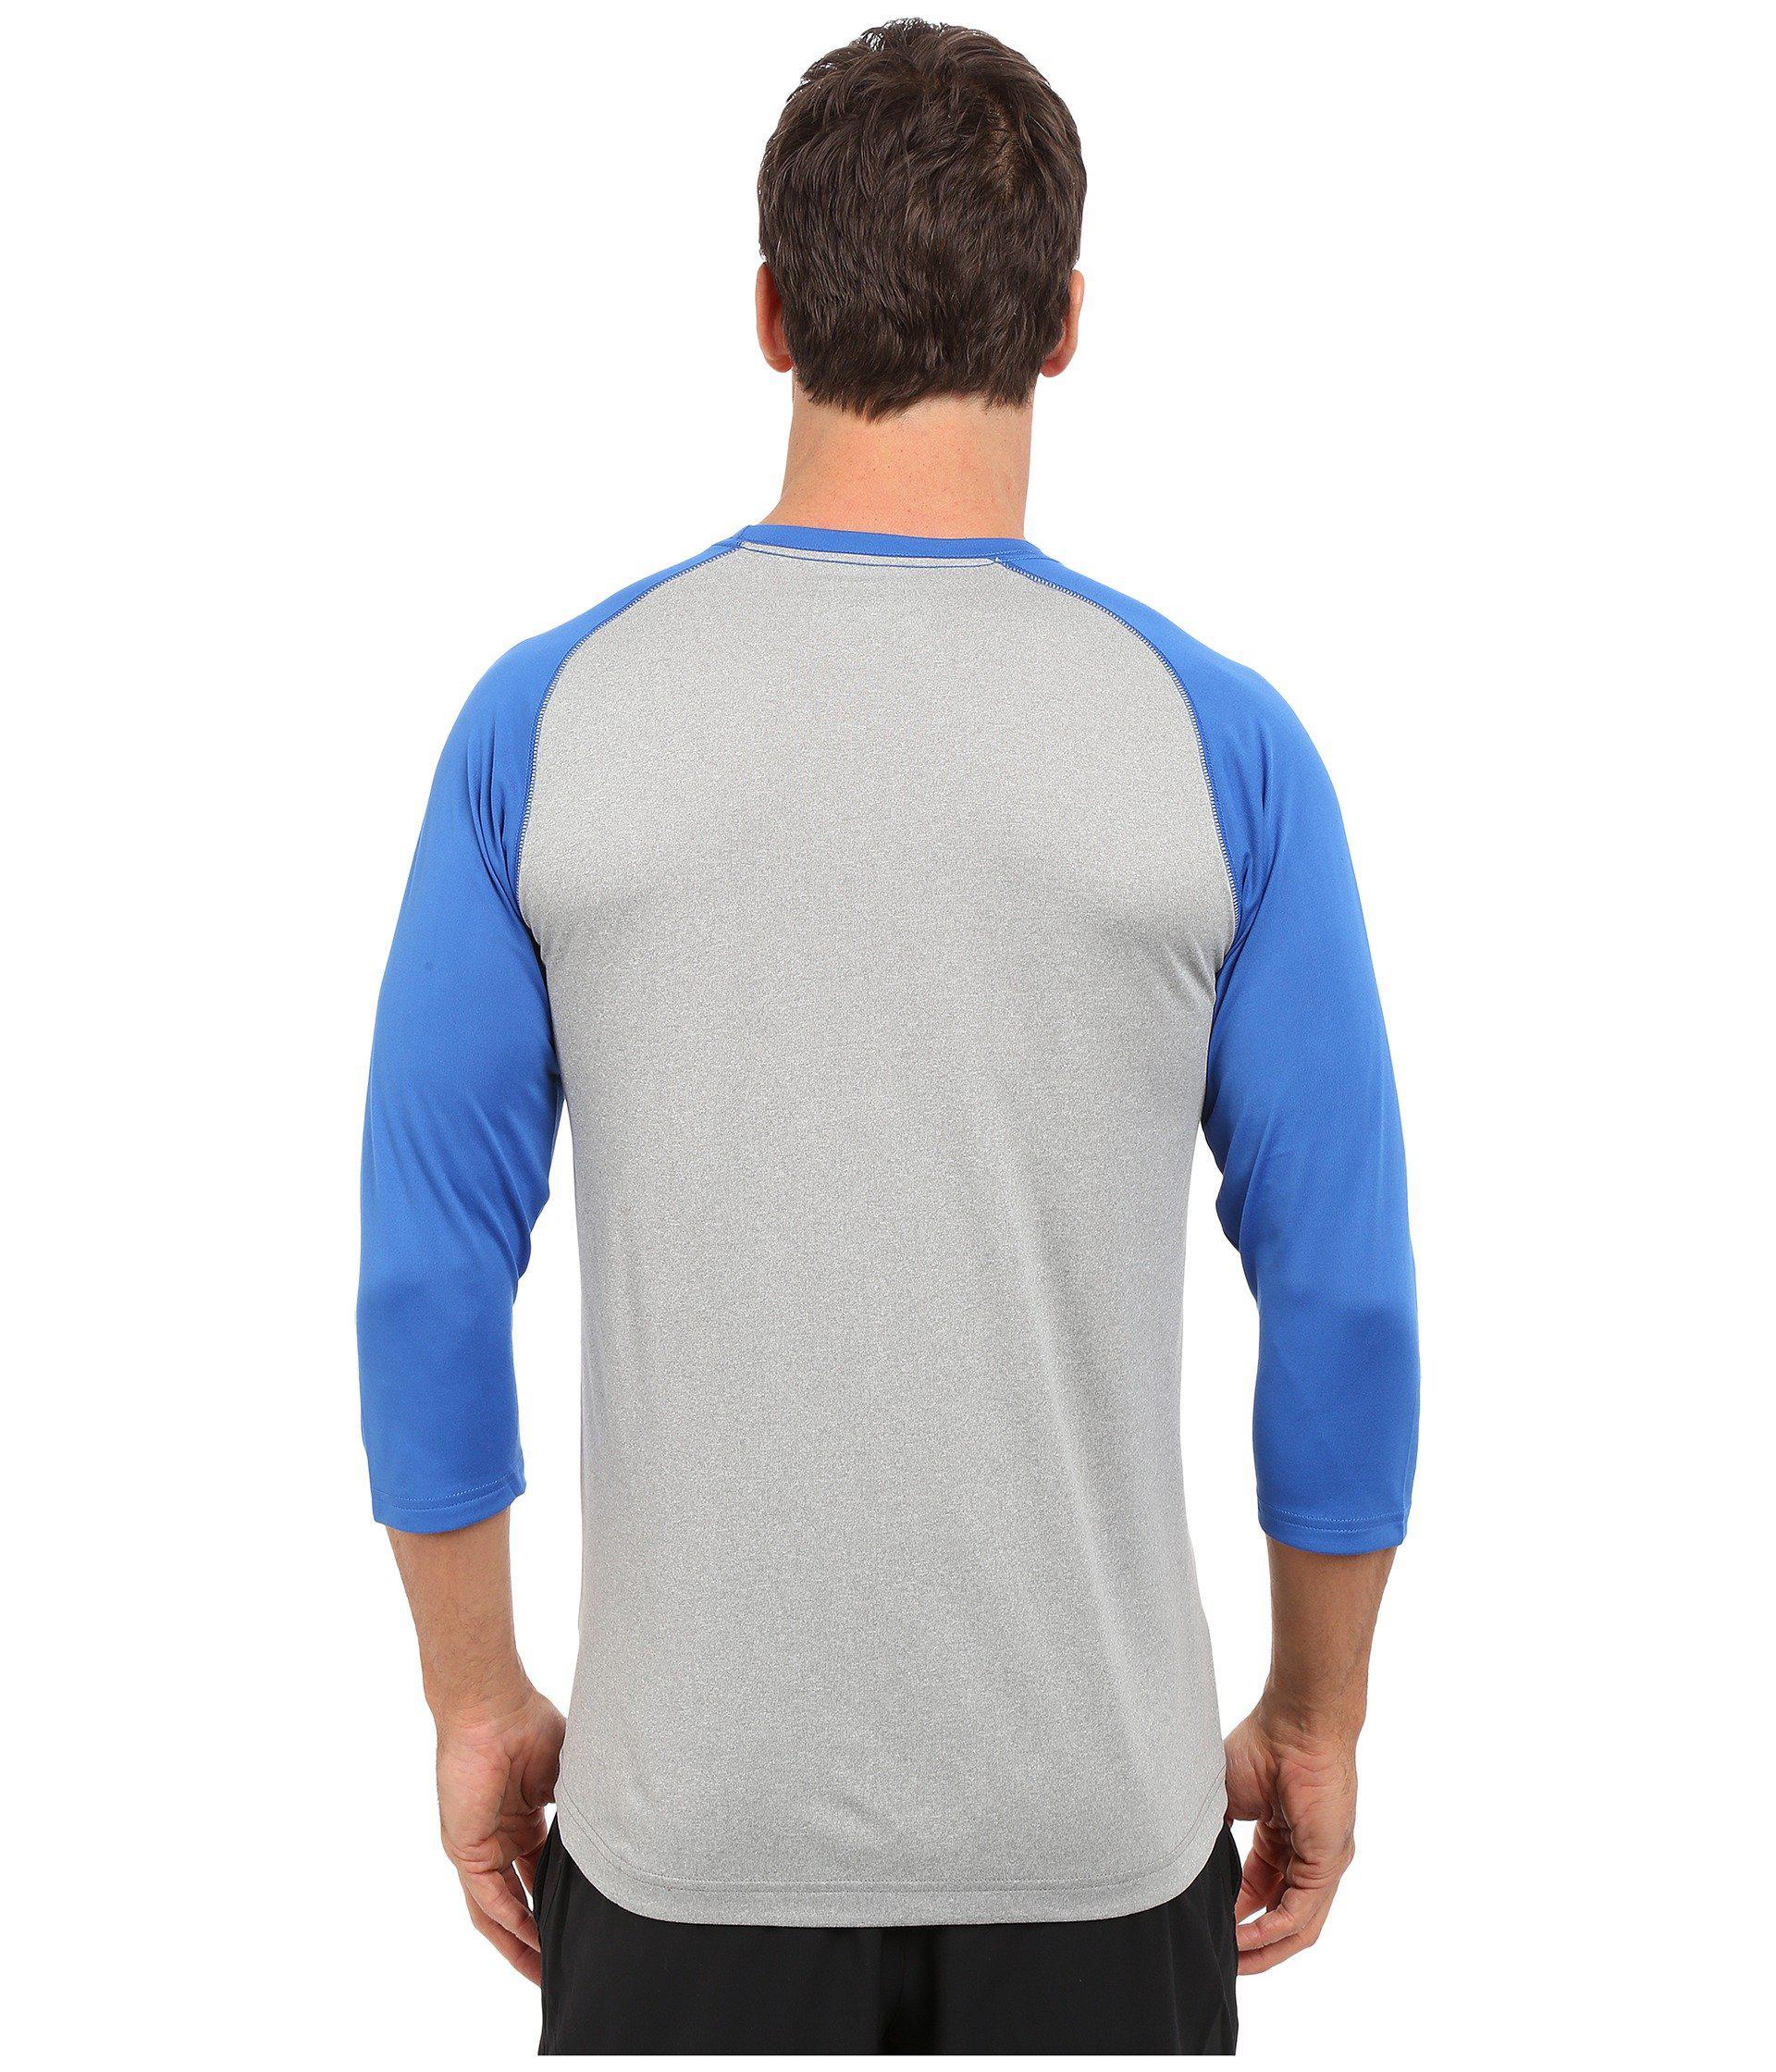 9abfc890 New Balance 3/4 Baseball Raglan in Blue for Men - Lyst